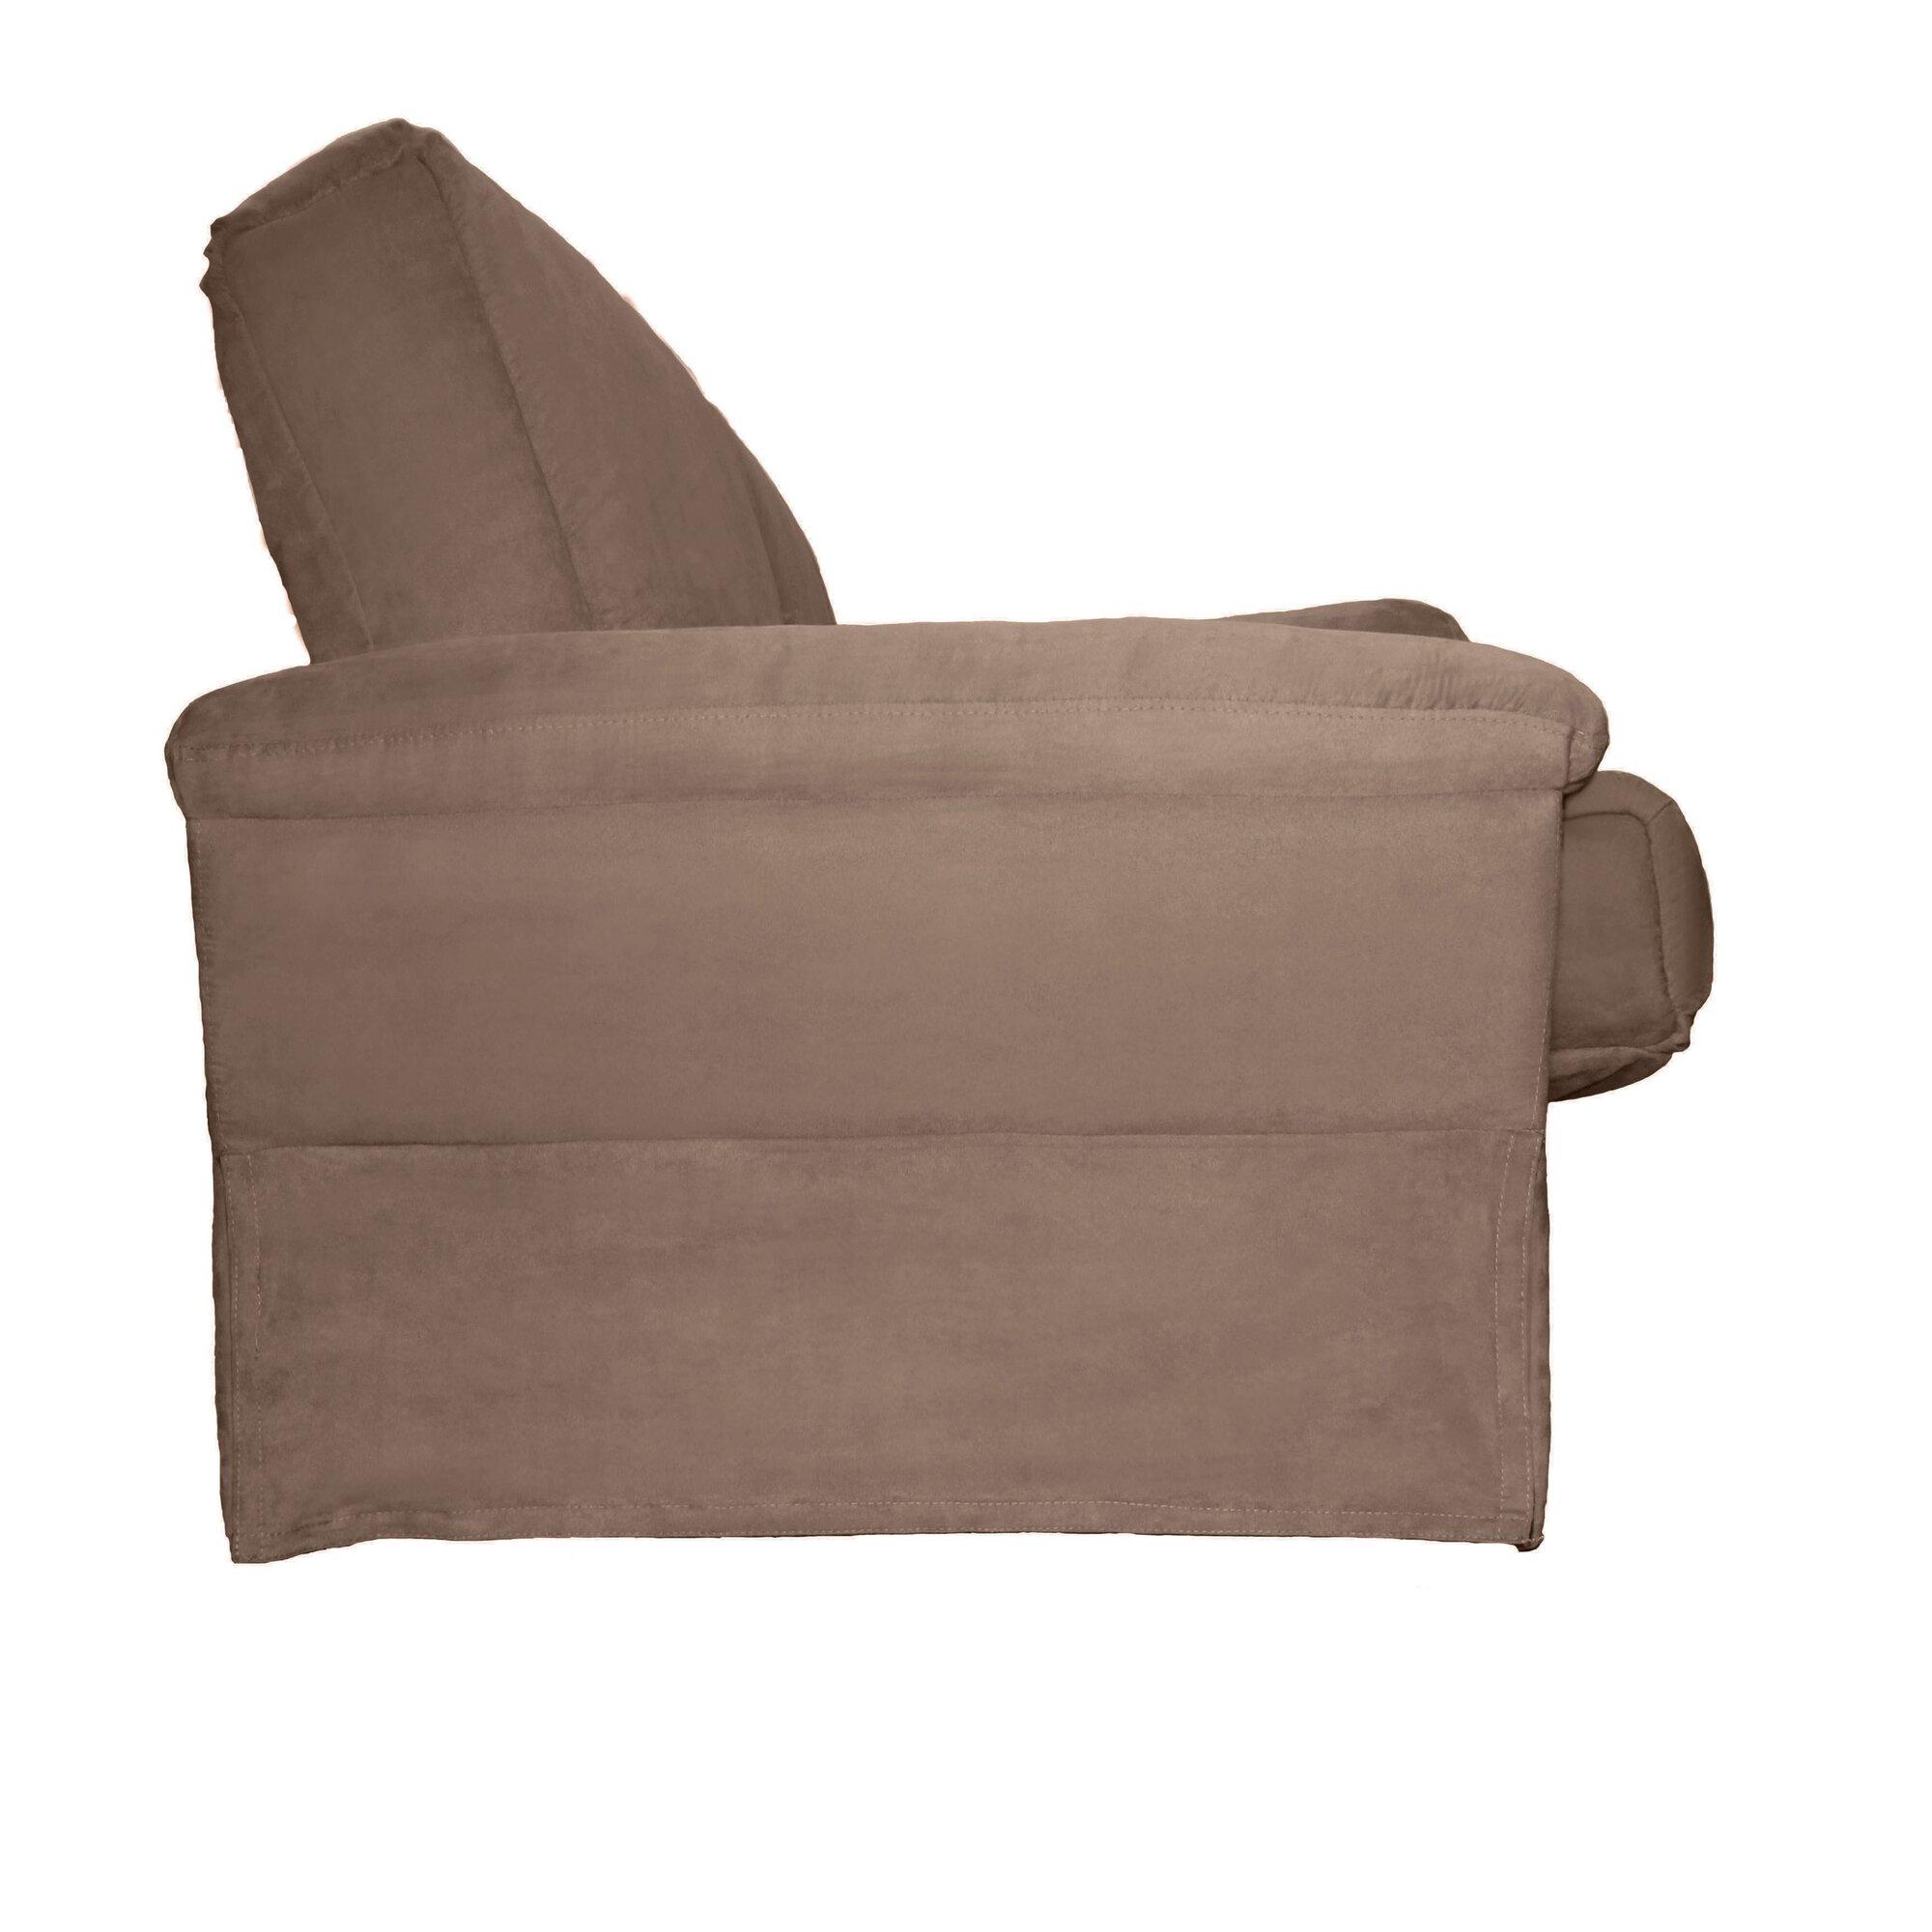 Wayfair Furniture Futons Home Design Idea